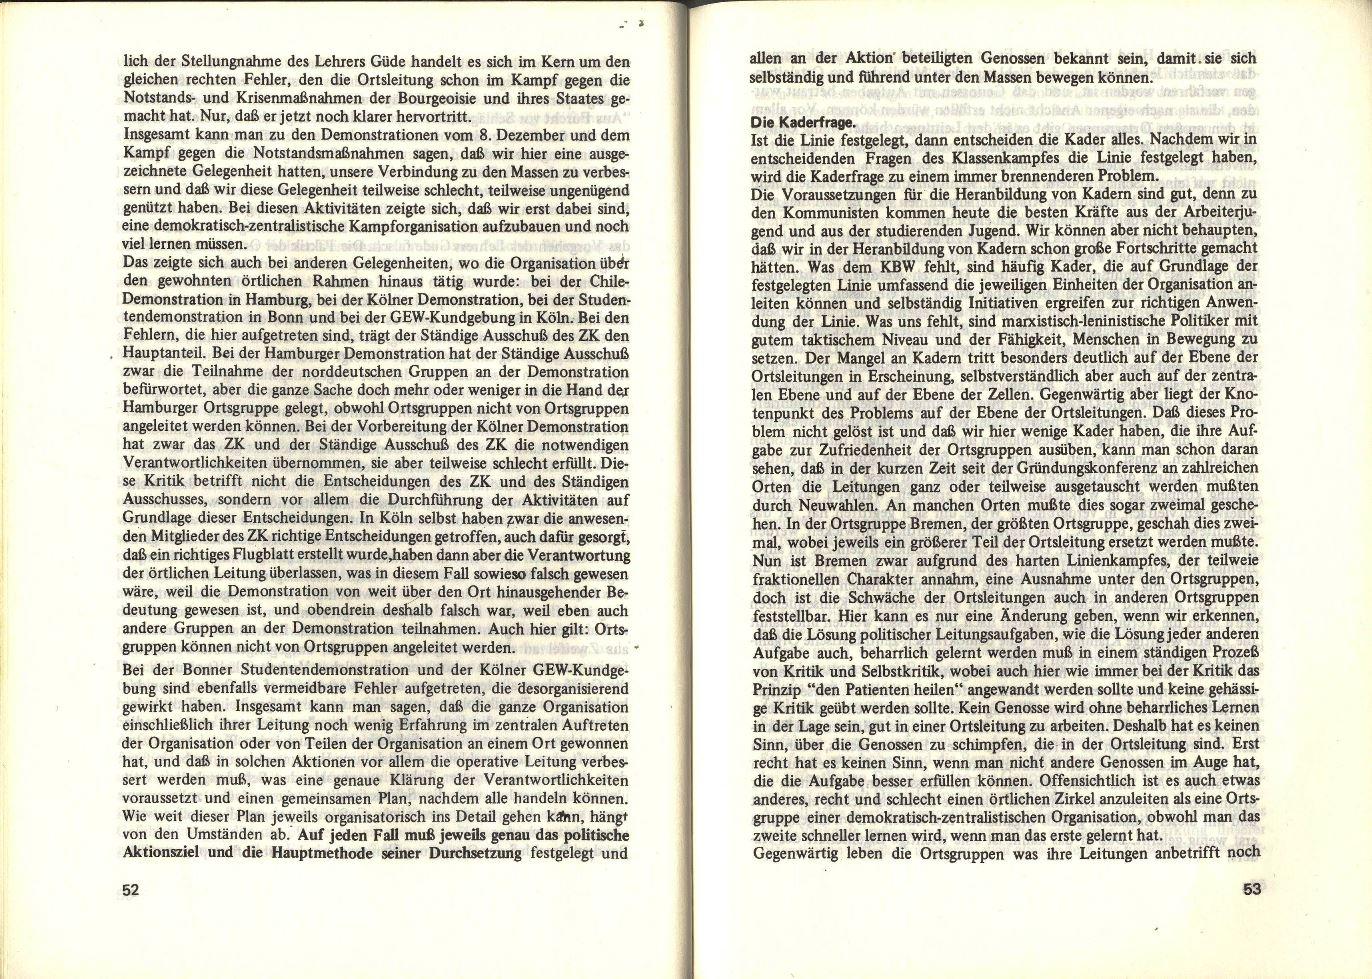 KBW_1974_Politischer_Bericht028